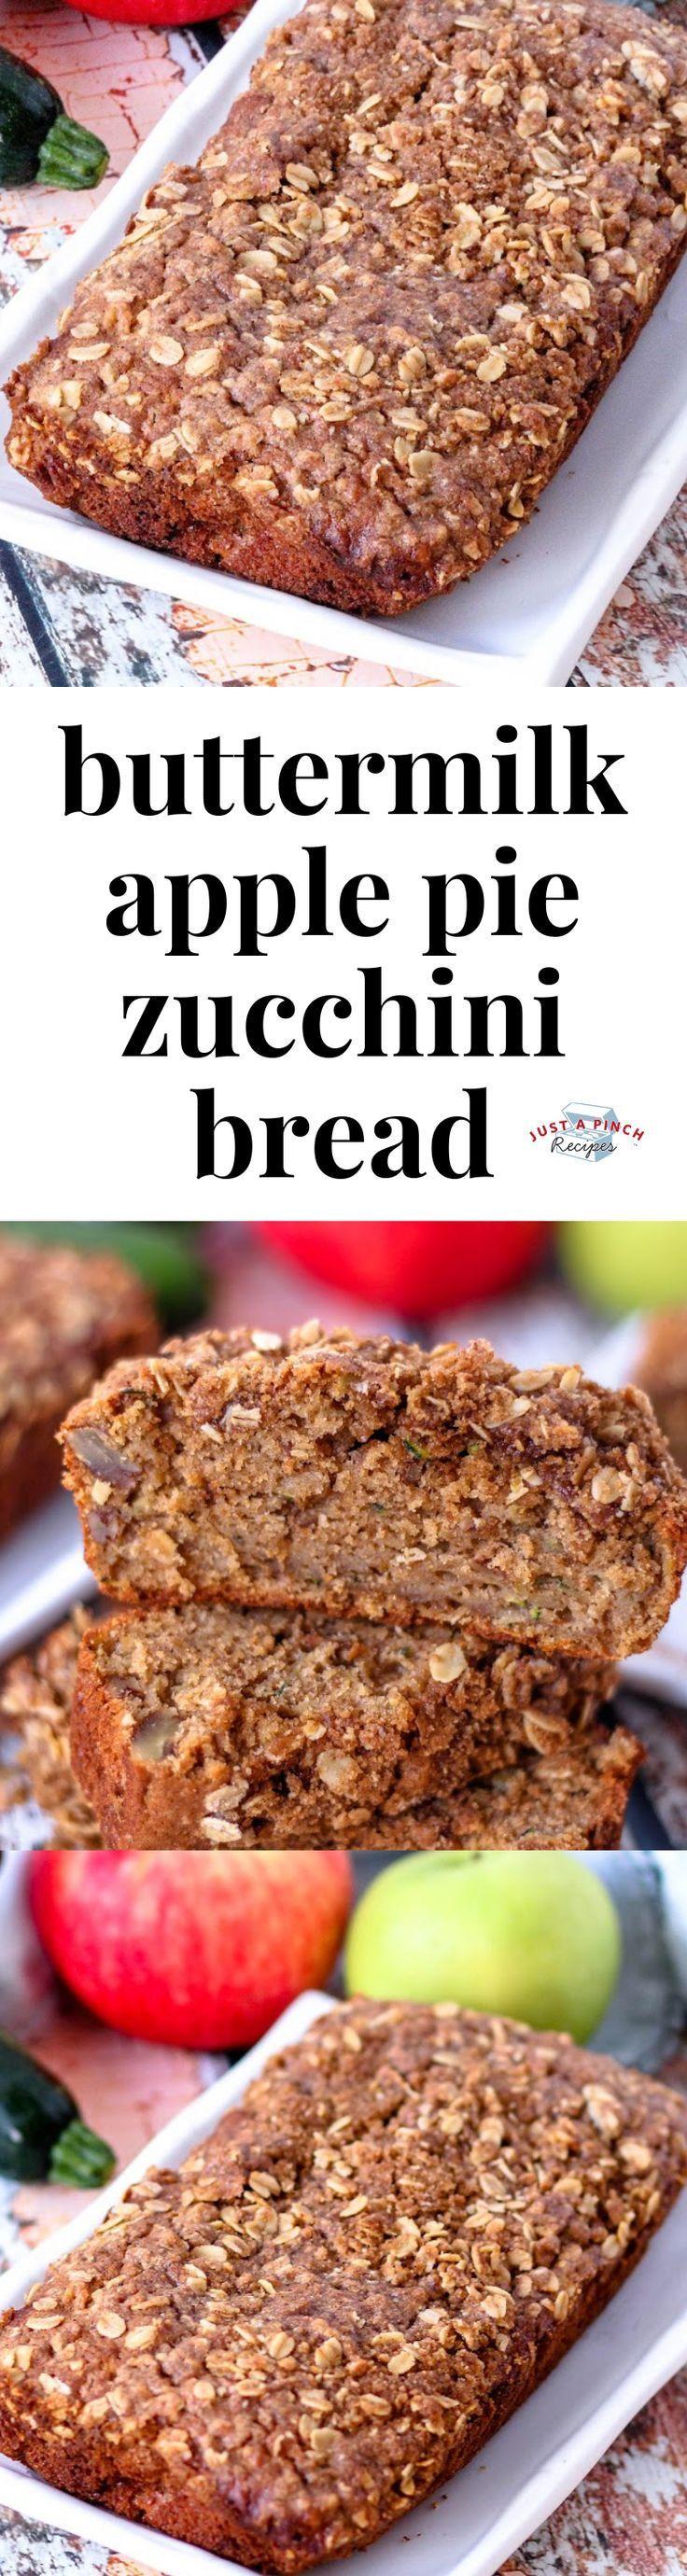 buttermilk apple pie zucchini bread  recipe  recipes